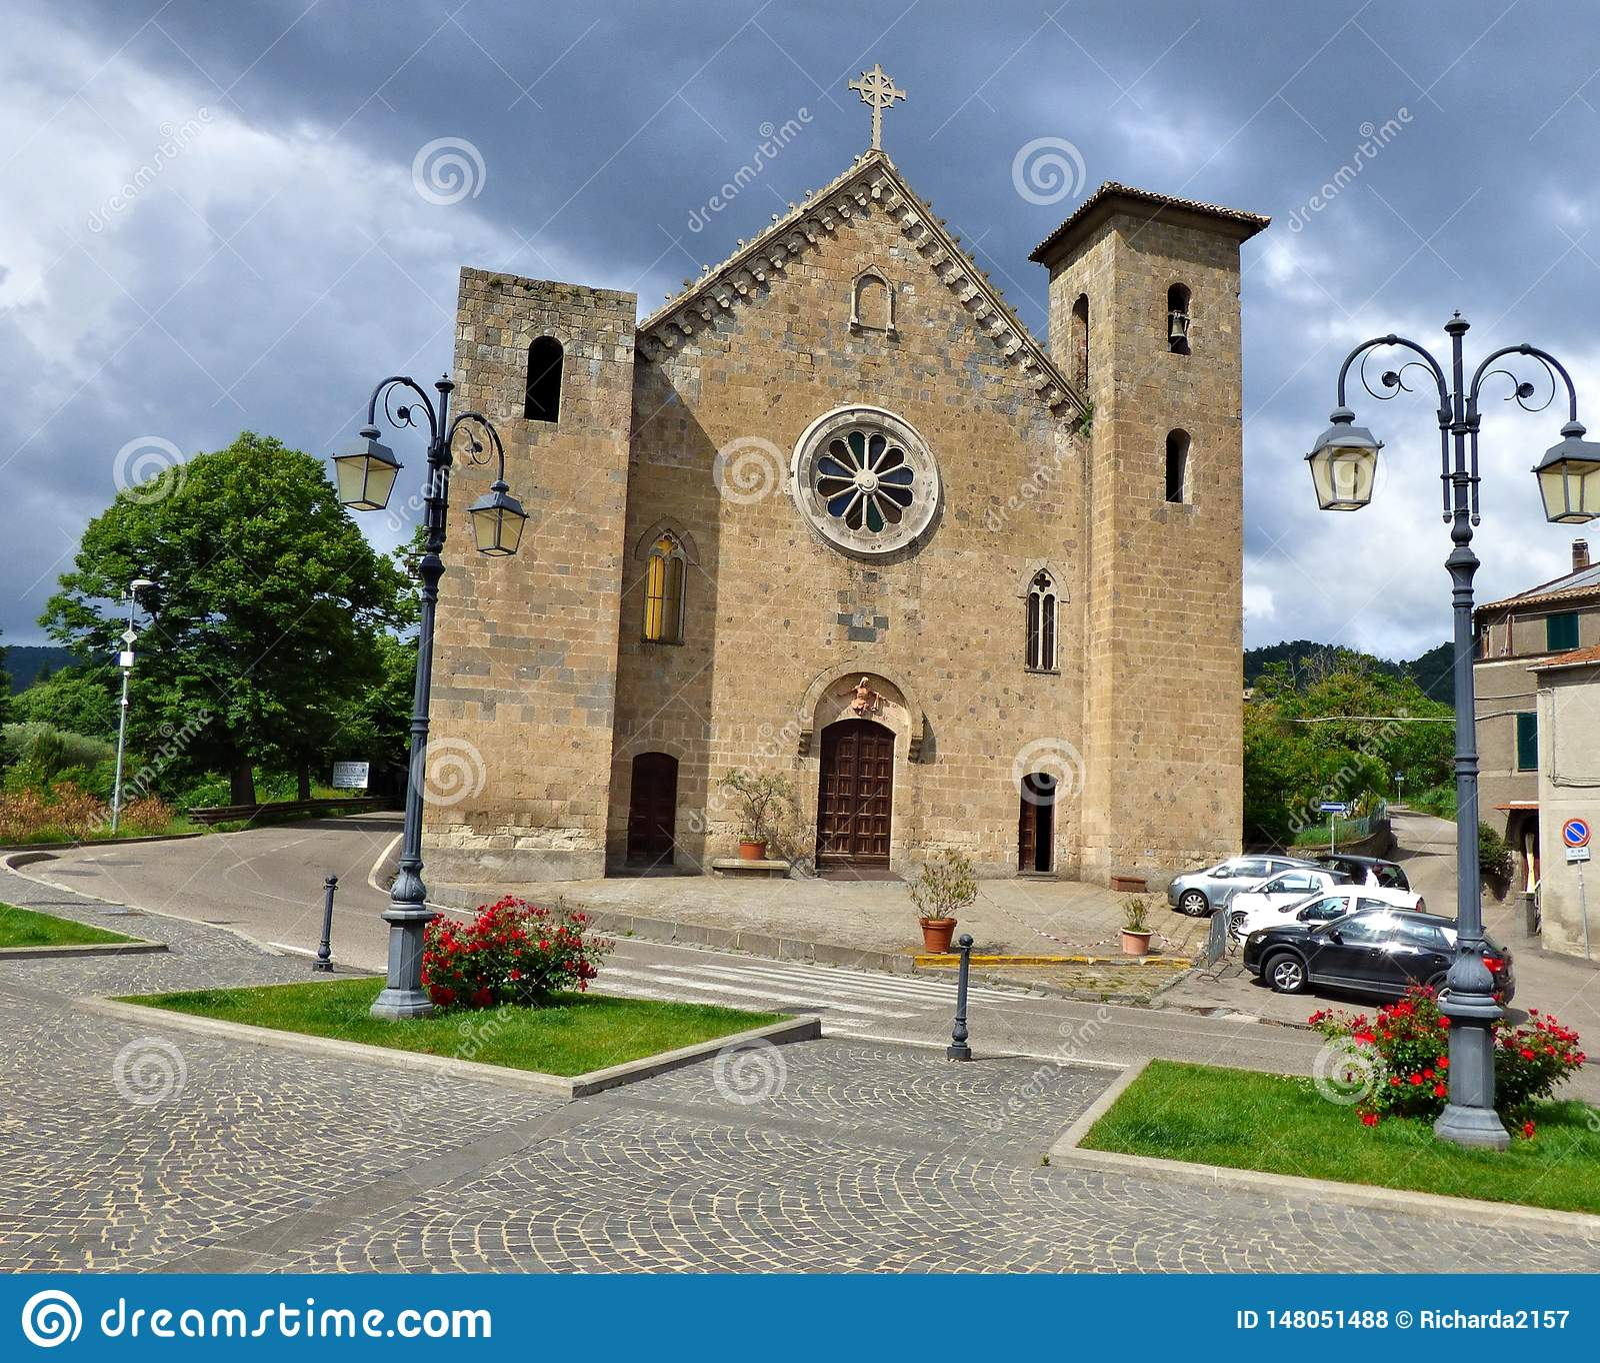 Cielos tempestuosos sobre una iglesia medieval